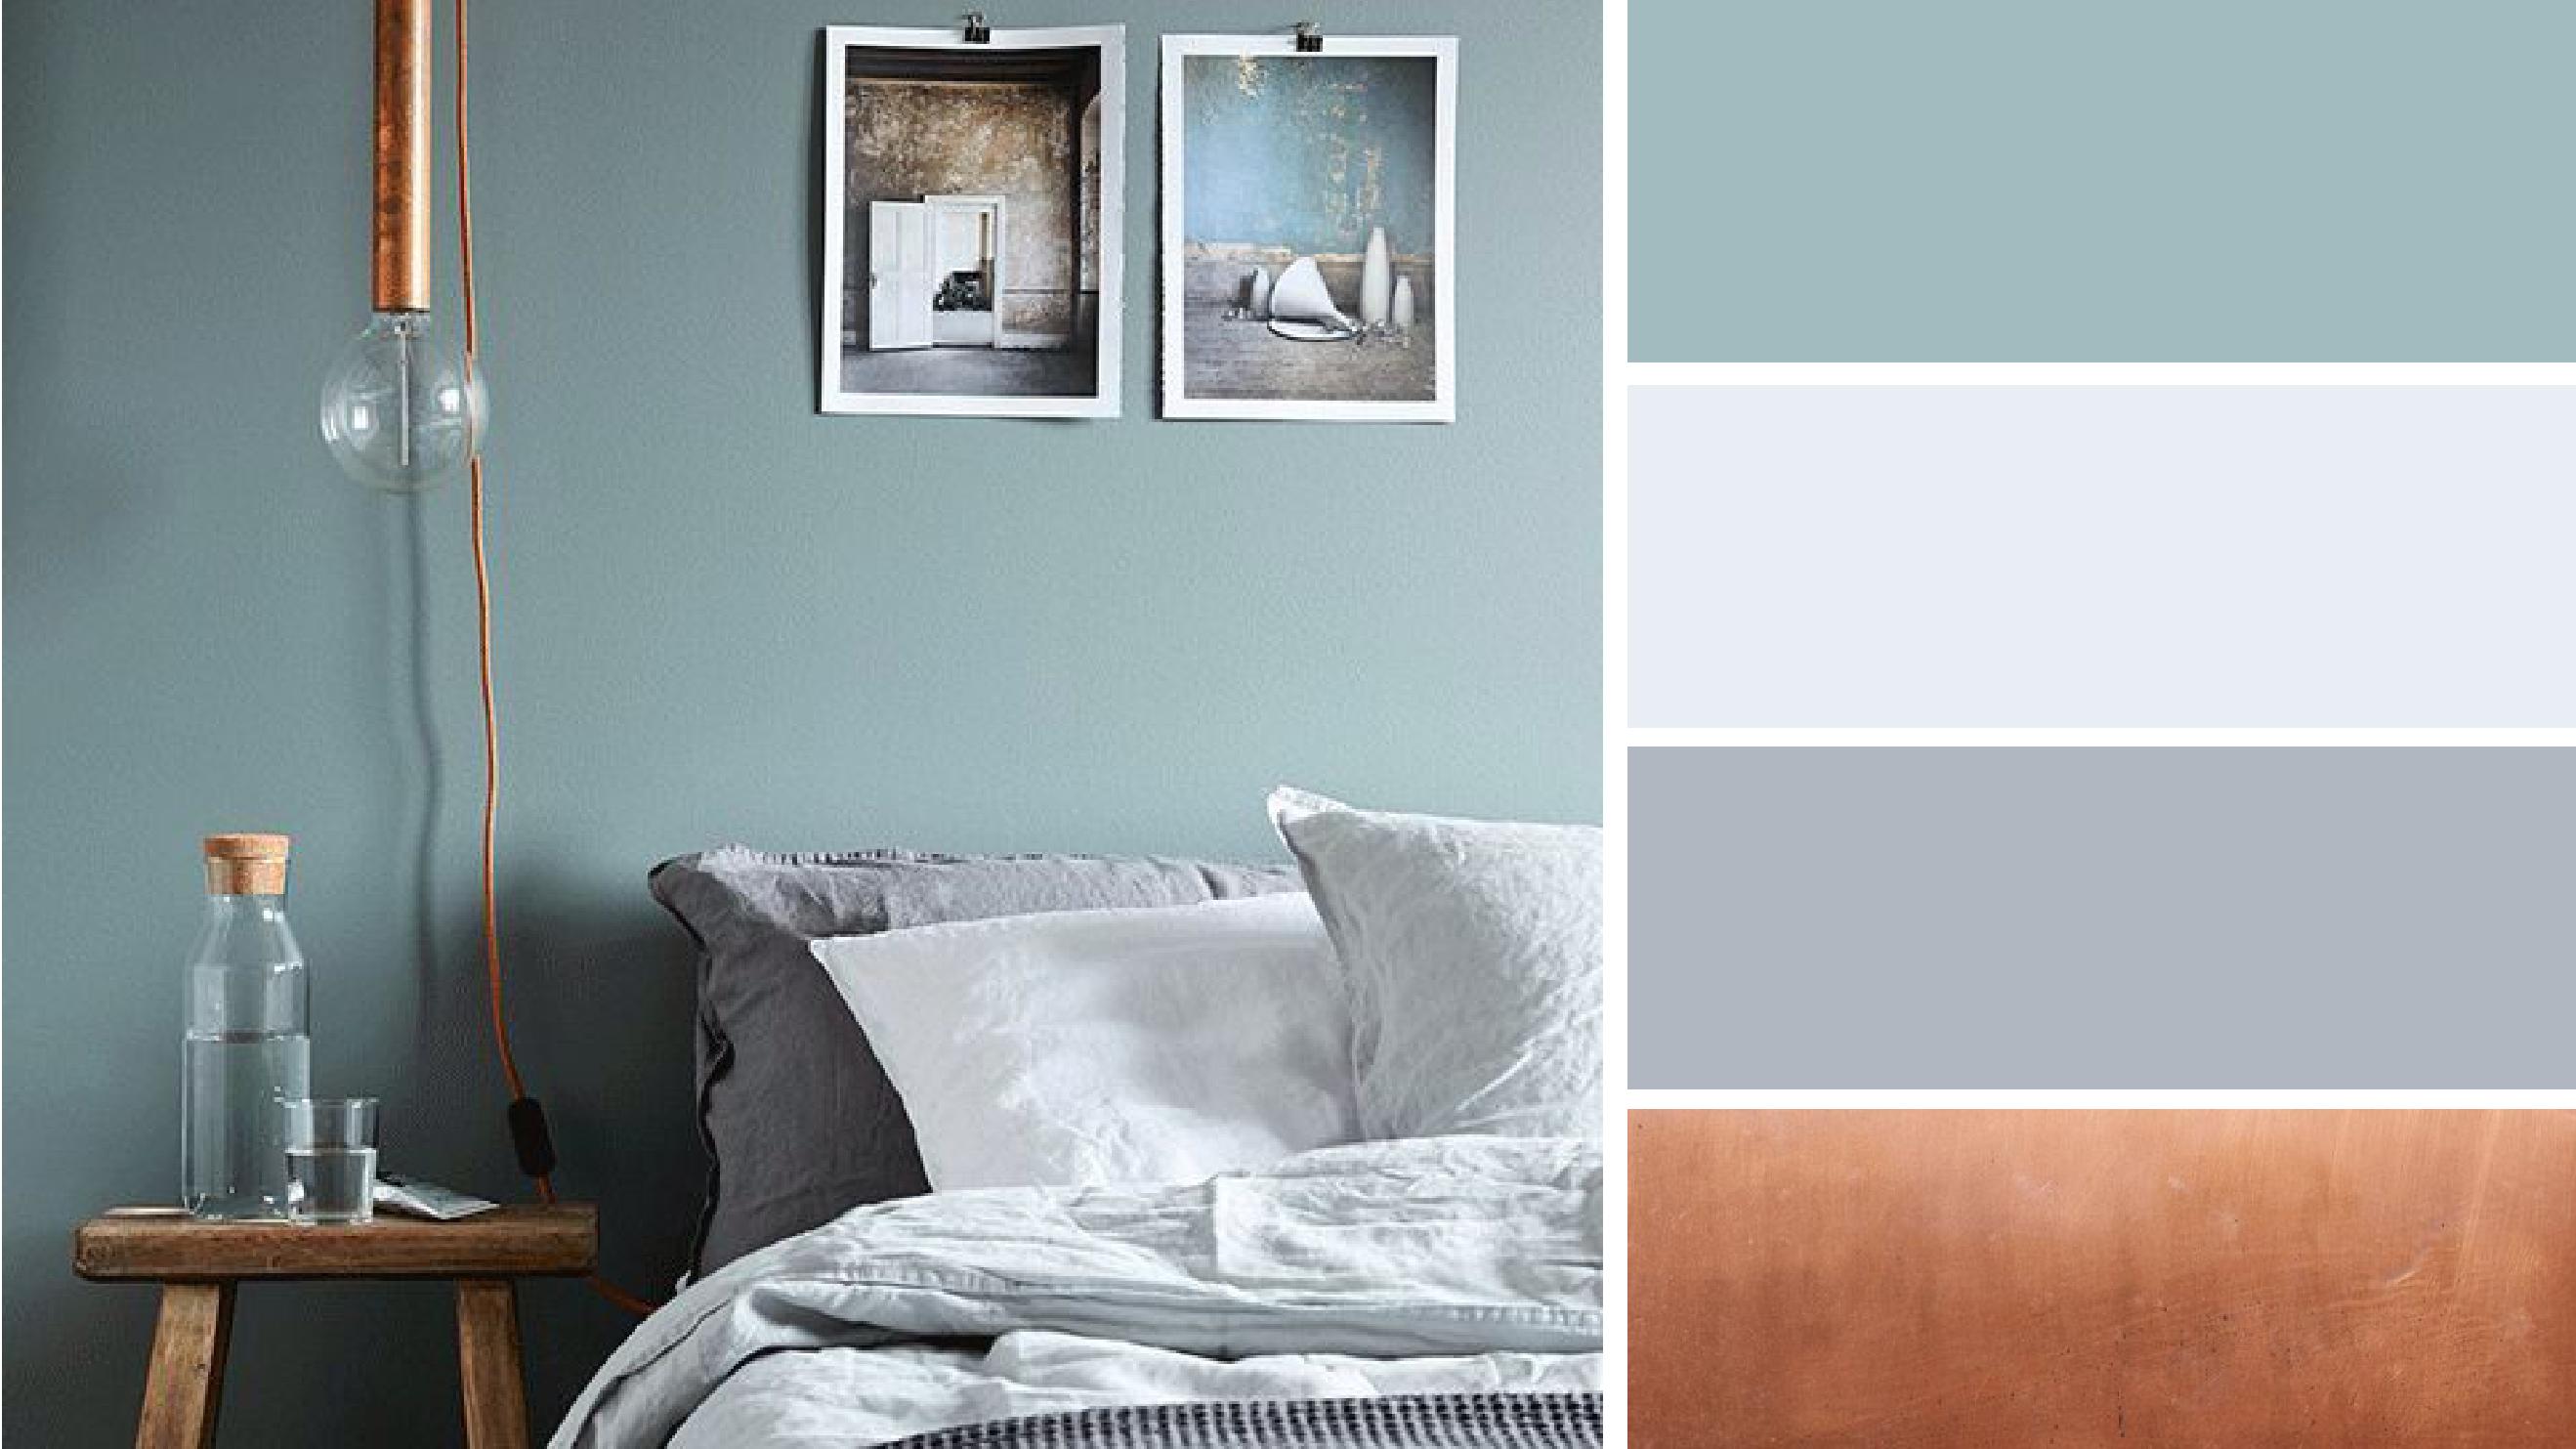 Quelles Couleurs Choisir Pour Peindre Une Chambre A Coucher M6 Deco Fr